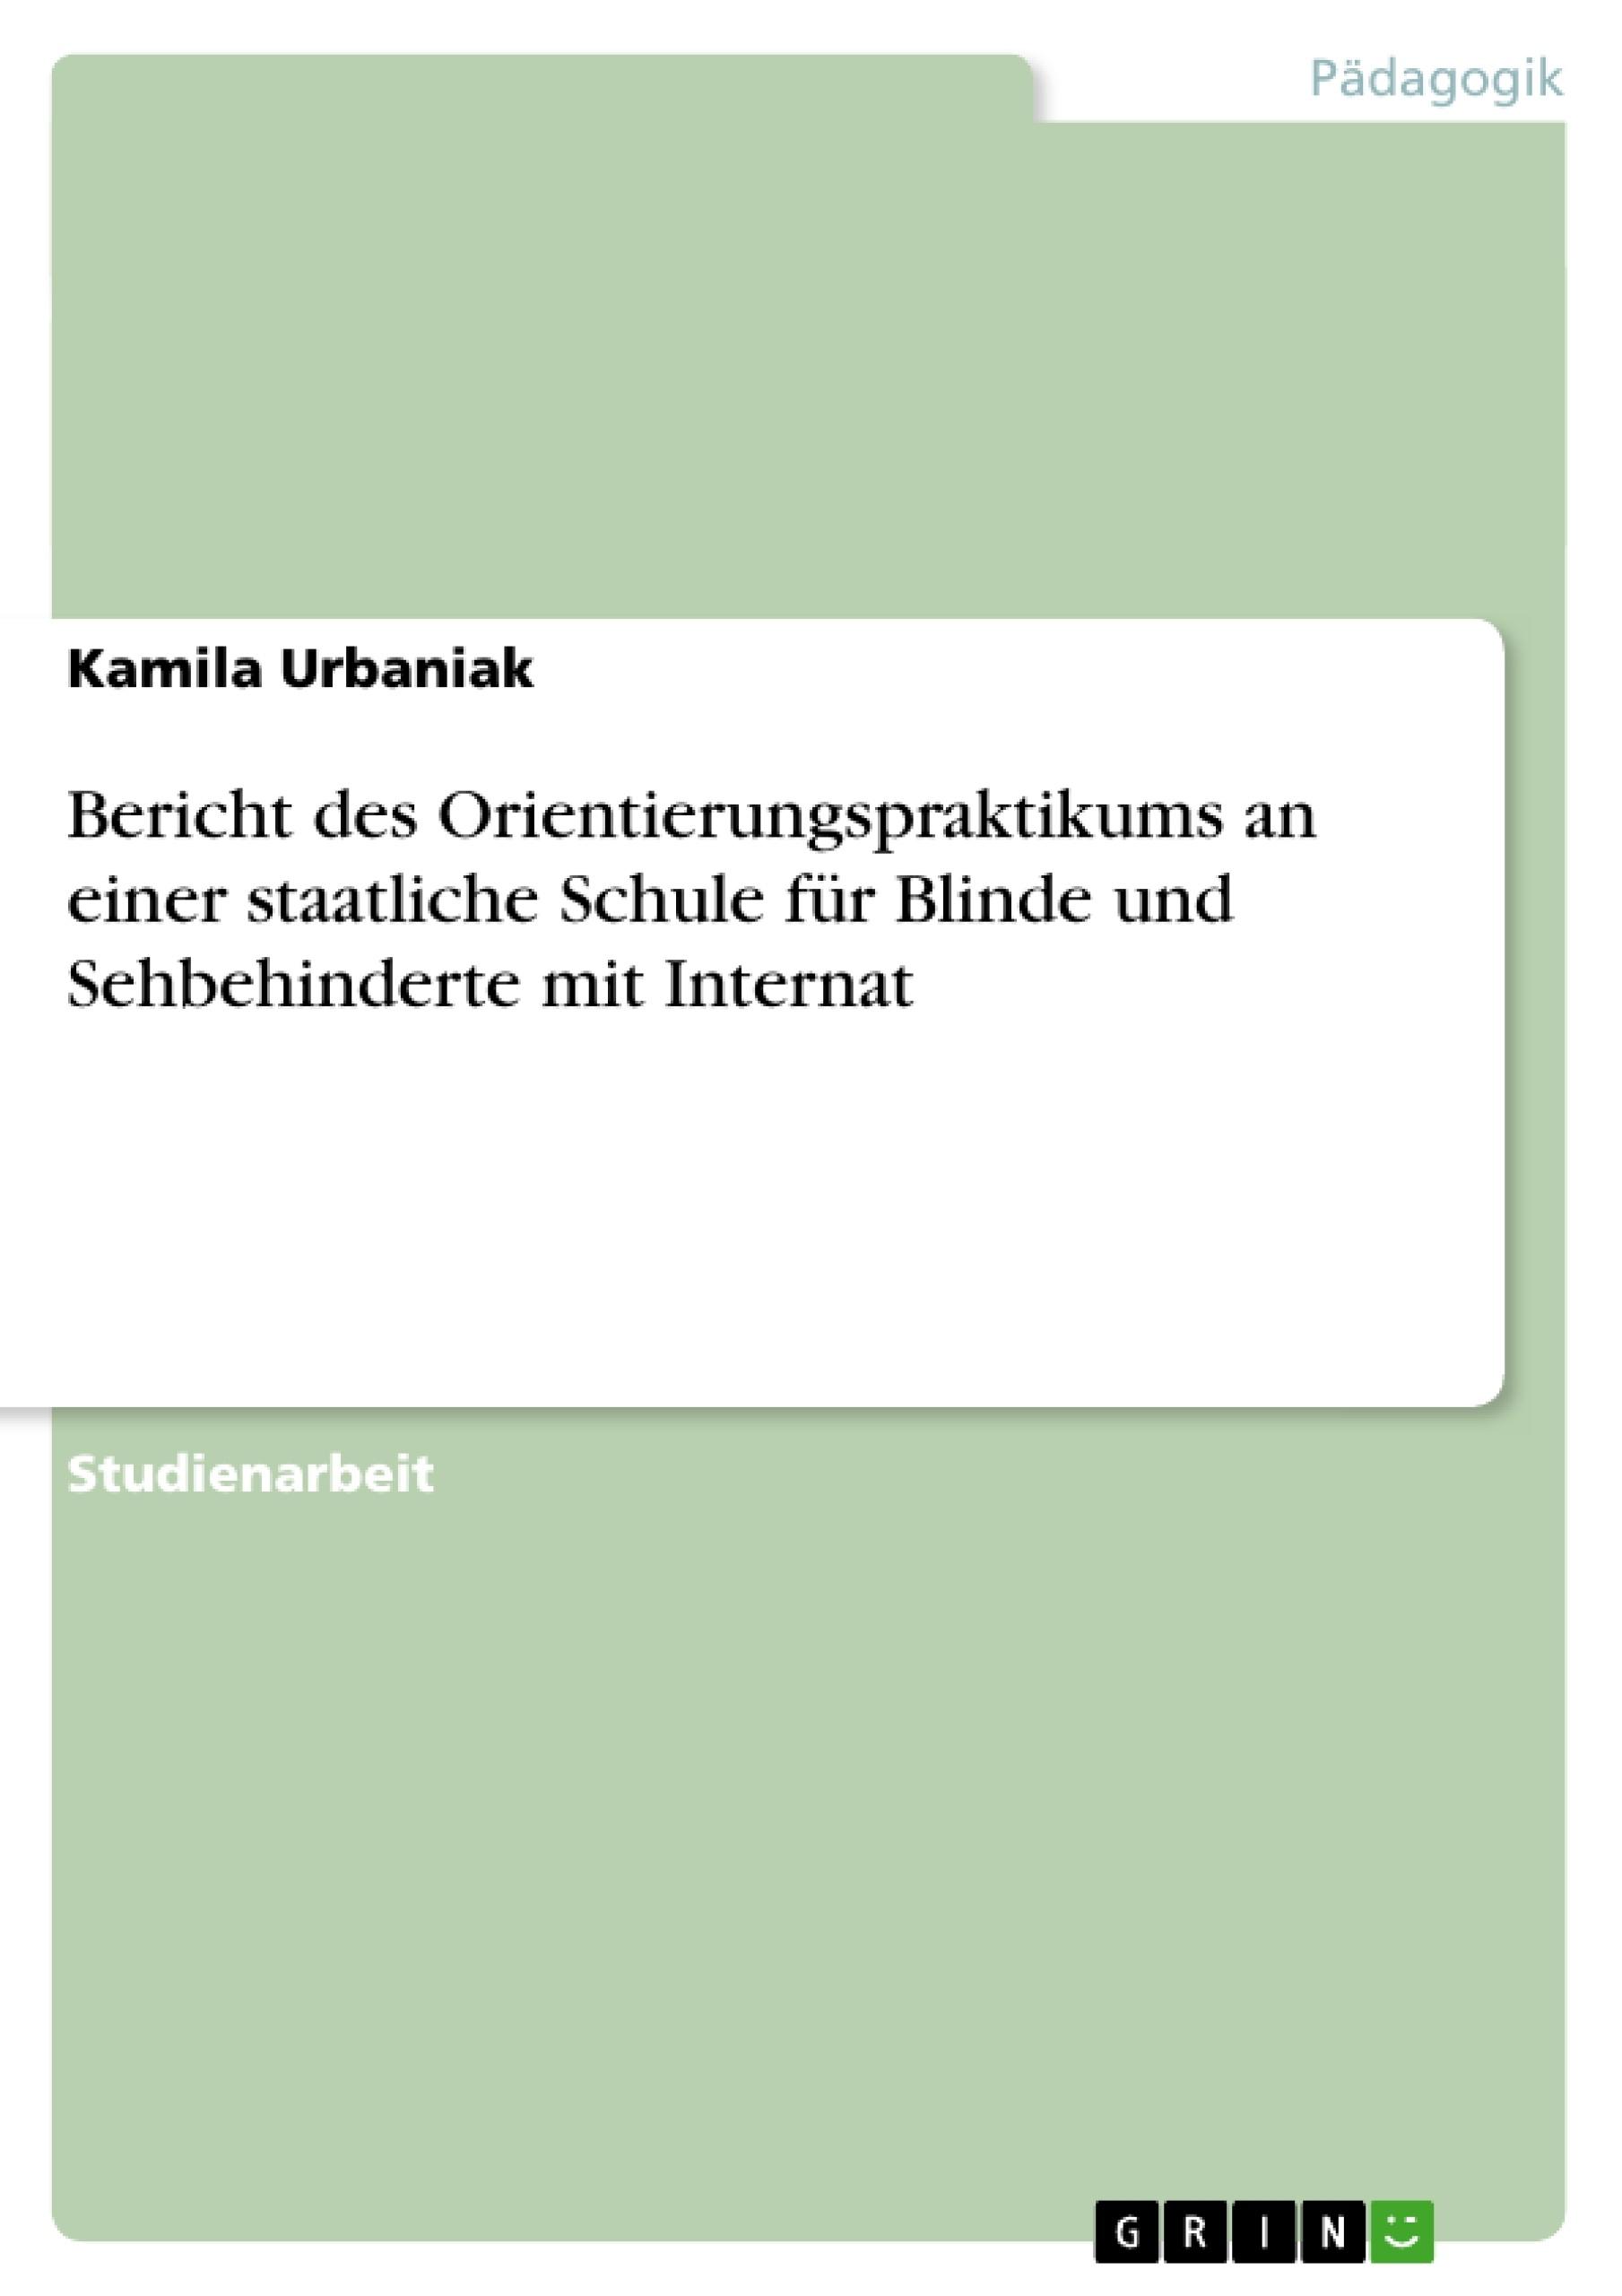 Titel: Bericht des Orientierungspraktikums an einer staatliche Schule für Blinde und Sehbehinderte mit Internat